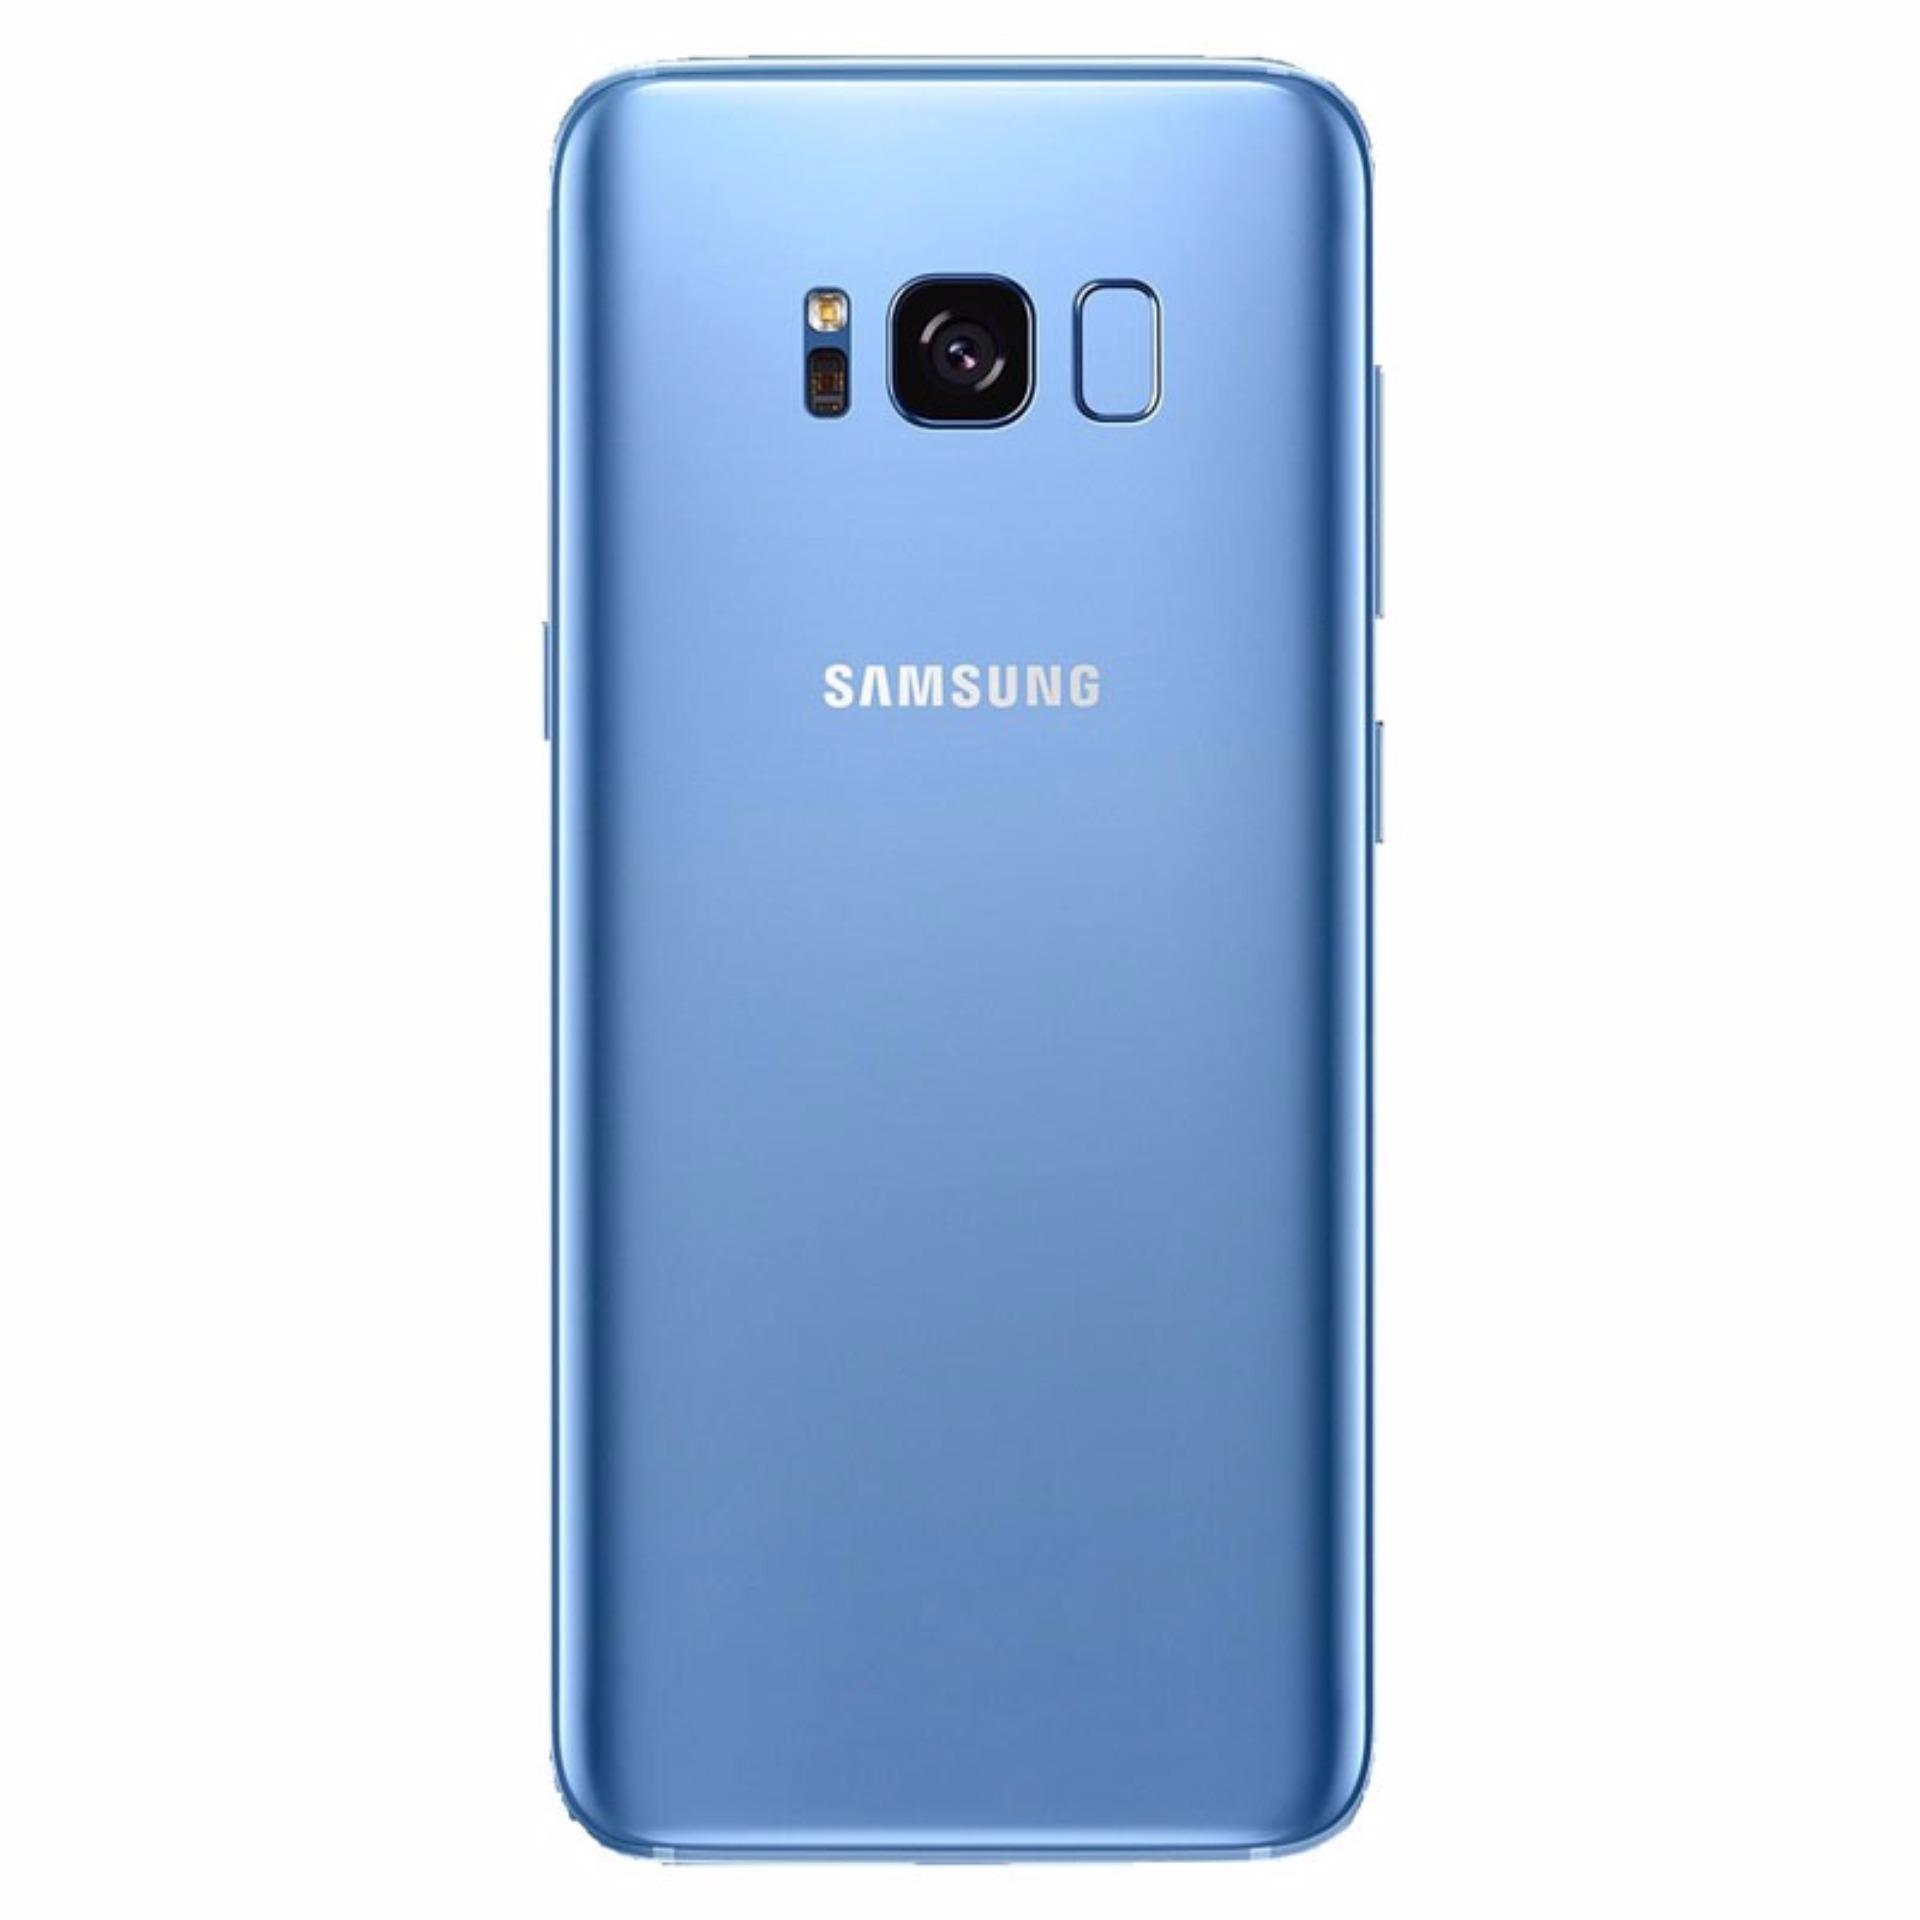 Samsung Galaxy S8 Plus Xanh Coral – Hàng phân phối chính thức(xanh 64GB)